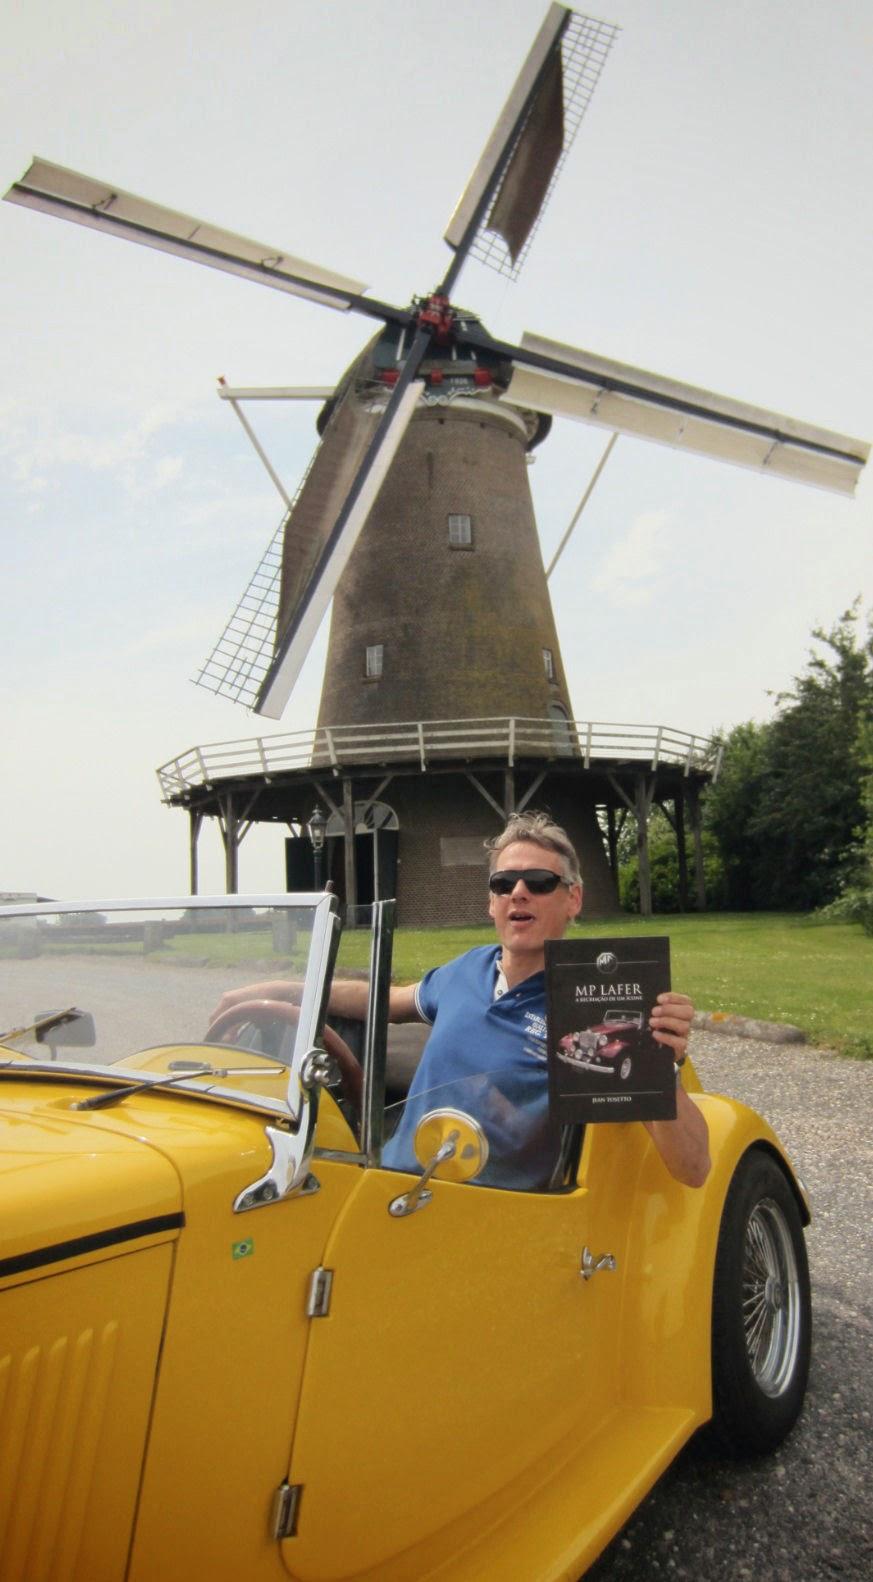 O livro do MP Lafer chega na Holanda, numa imagem que dispensa traduções.